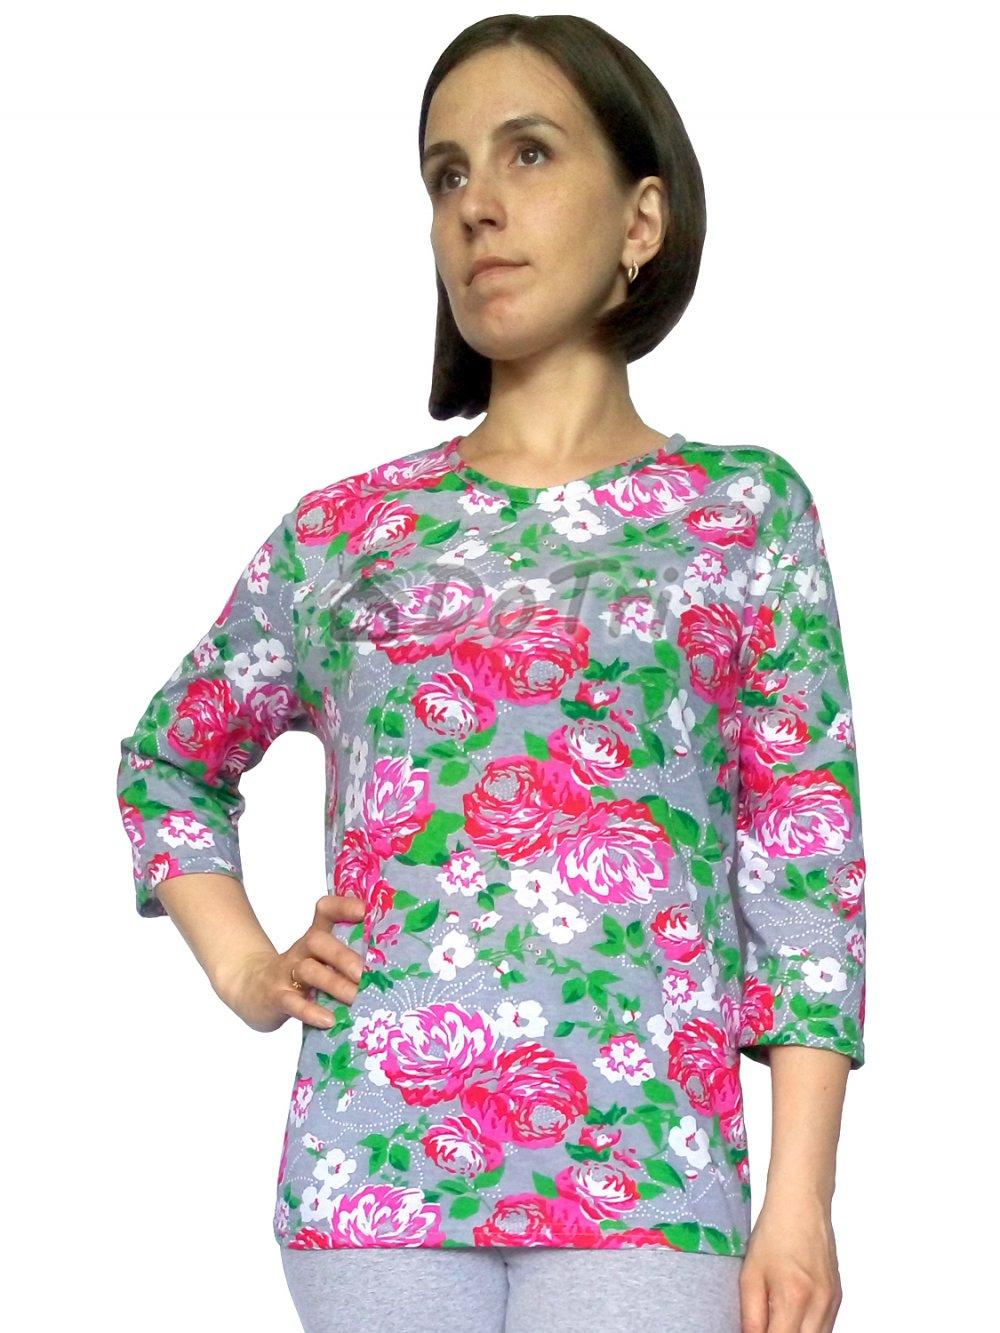 """Увеличить - Блуза """"Стрекоза"""" (кулирка, розовые цветы на сером фоне)"""